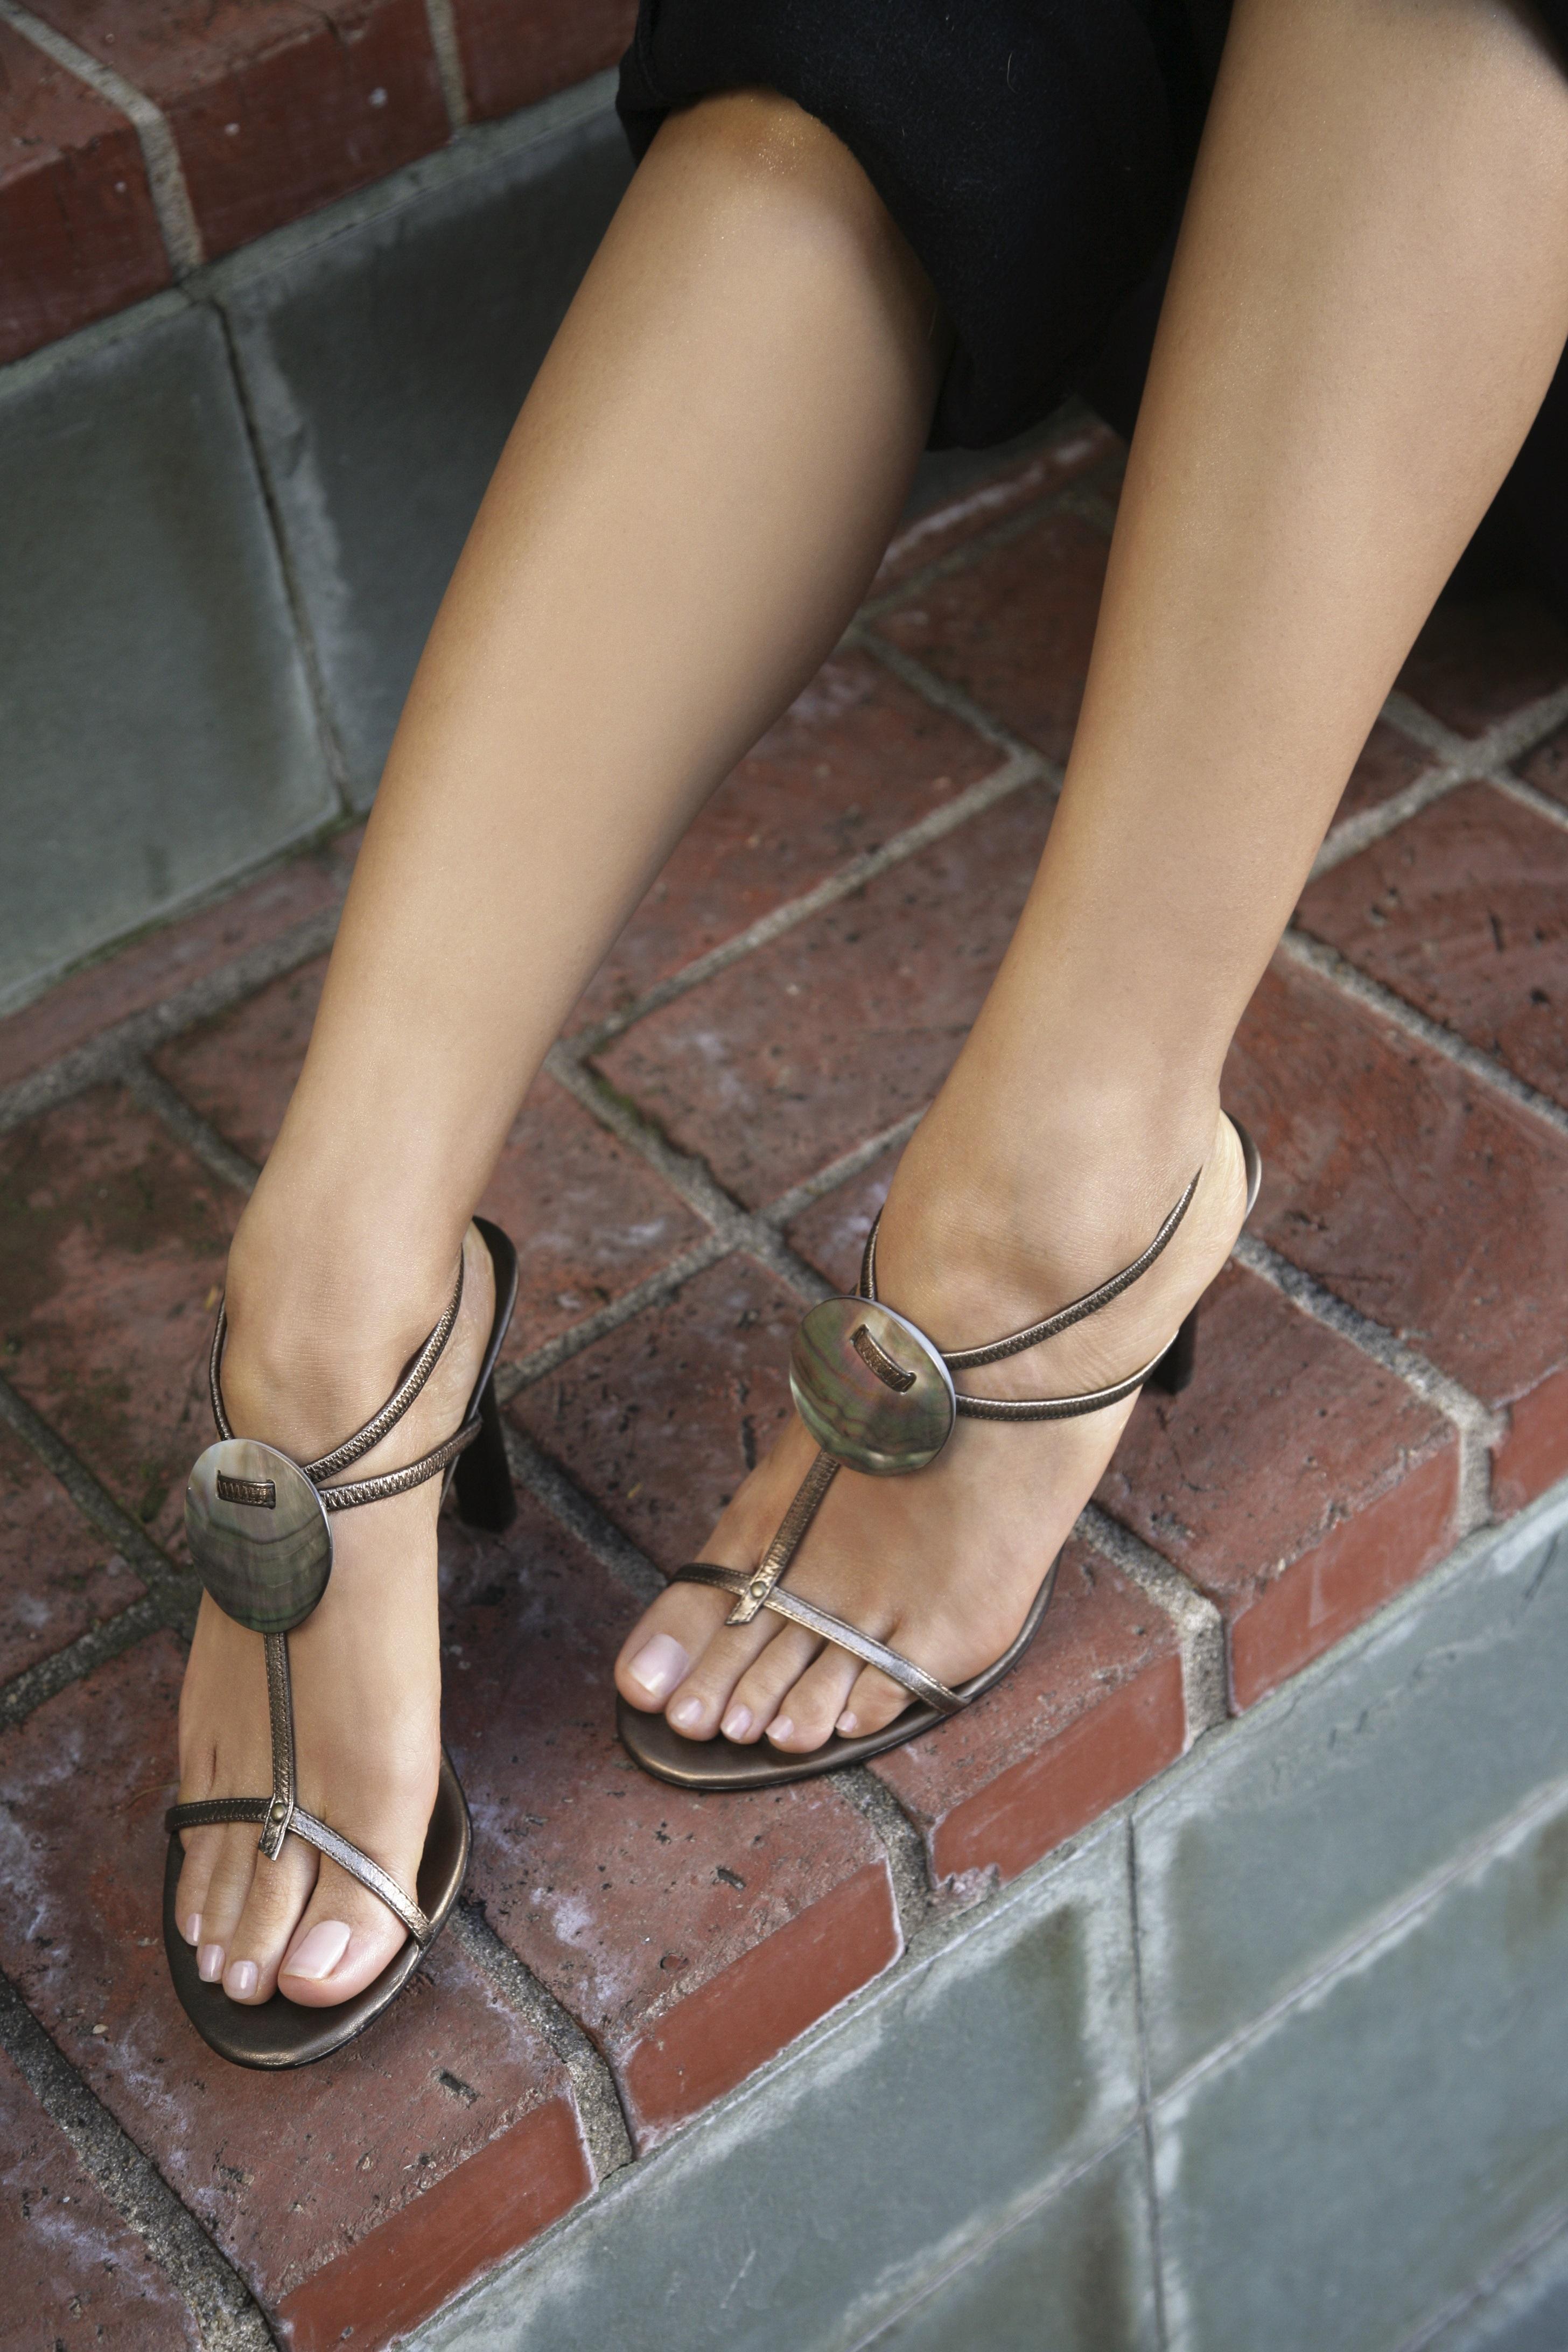 Tiffany_Feet1